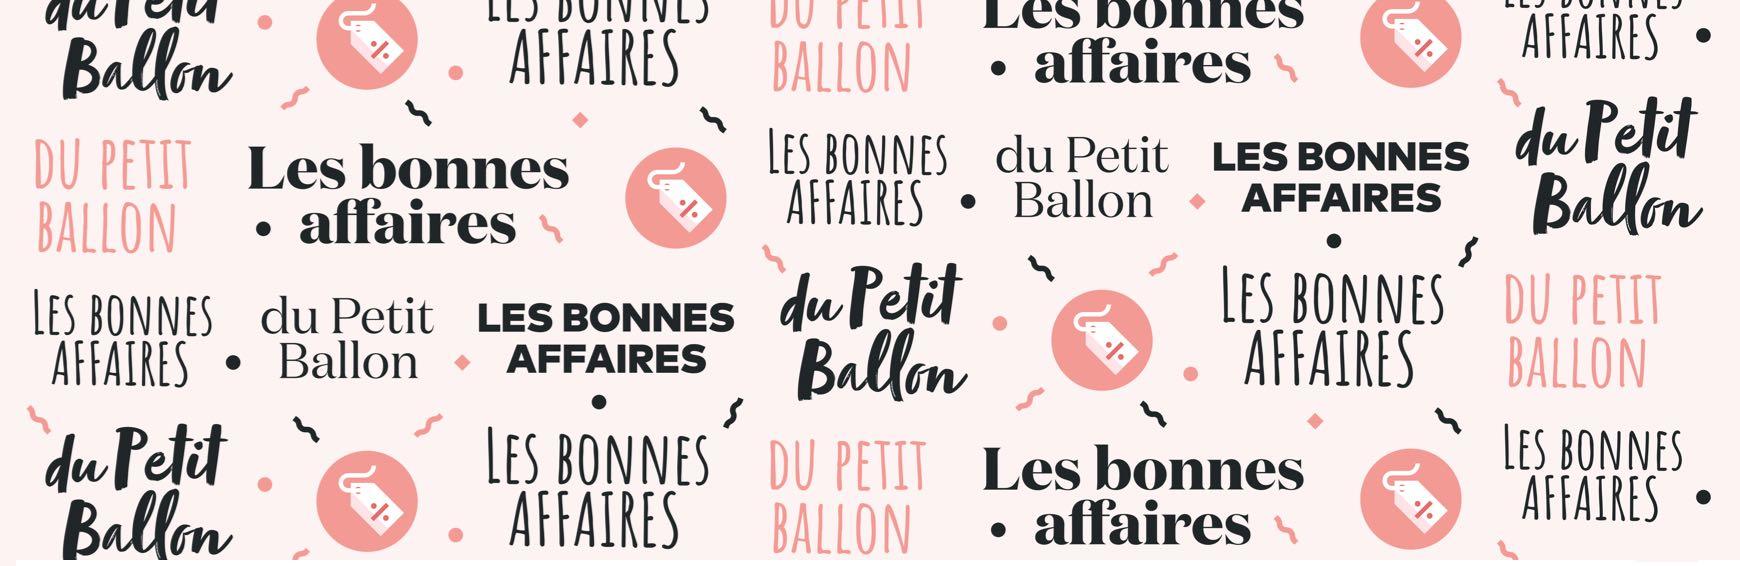 Les bonnes affaires du Petit Ballon